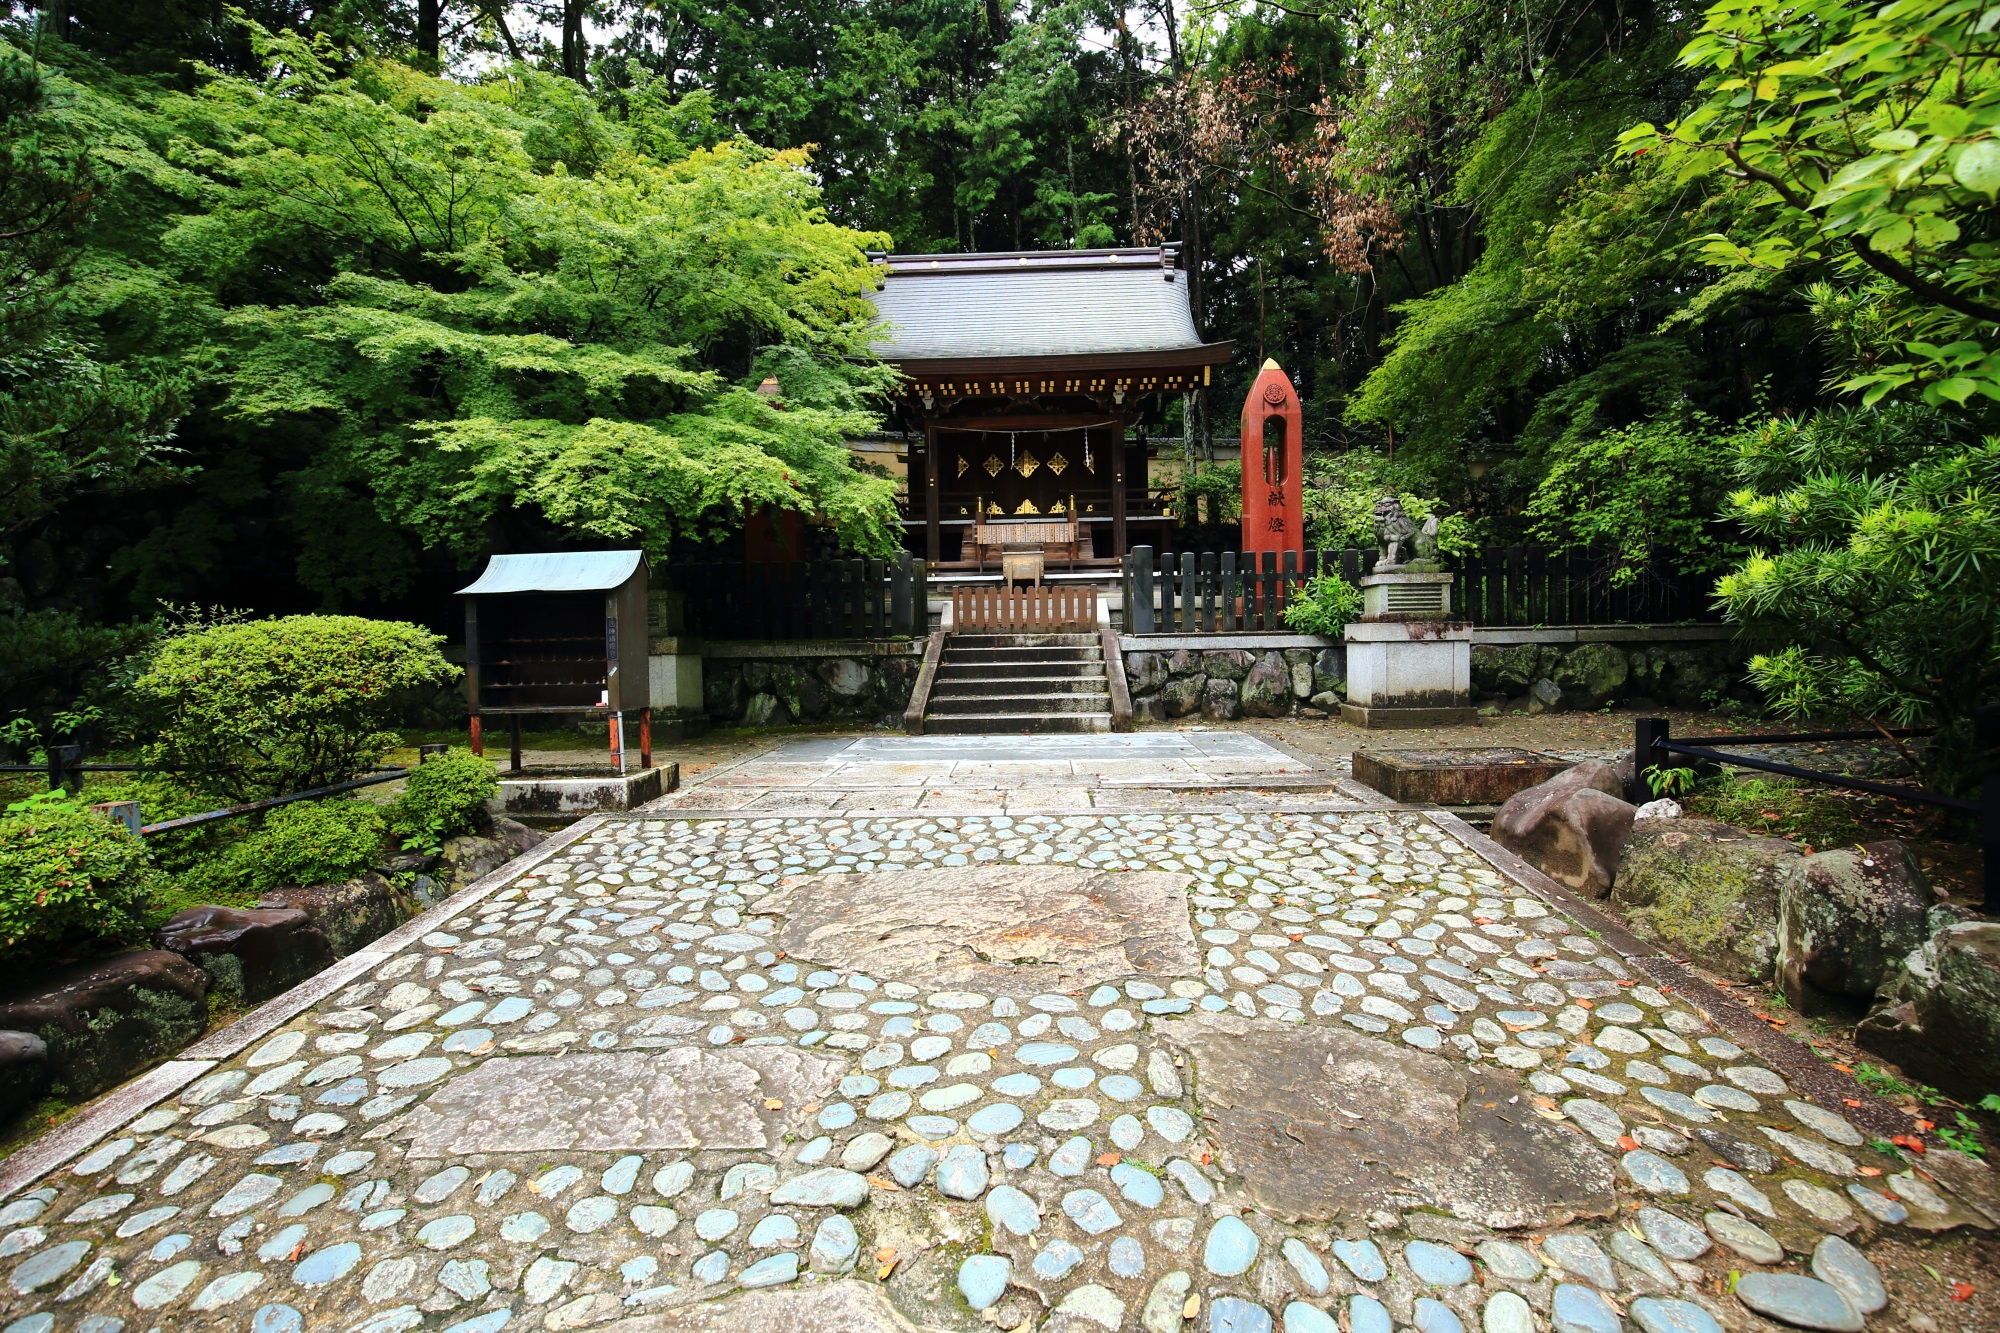 深い緑に囲まれた見事な佇まいの織姫社